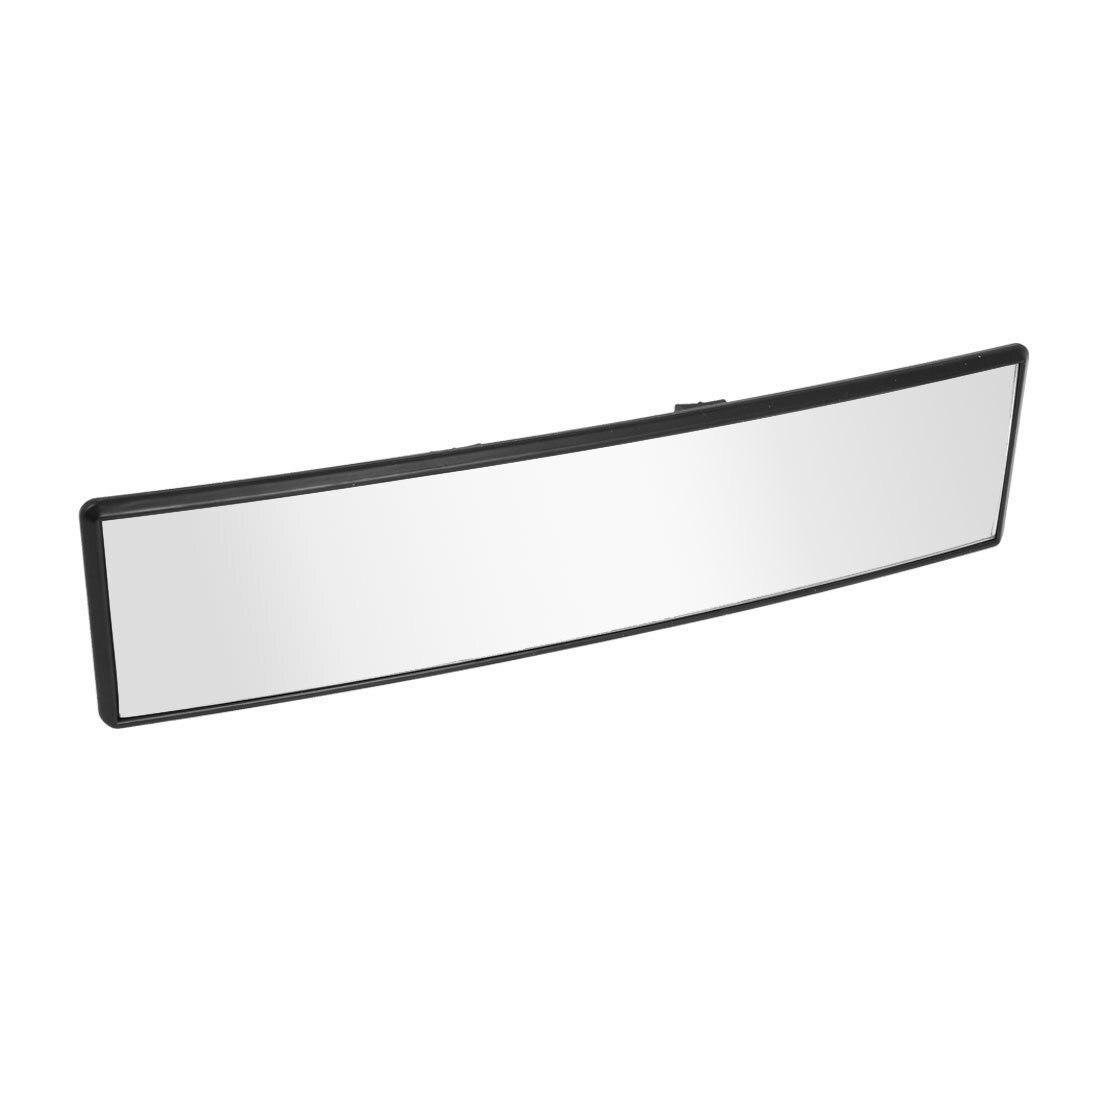 300mm large vue arrière de Voiture miroir pour une utilisation en intérieur courbe panorama retour à l'intérieur noir